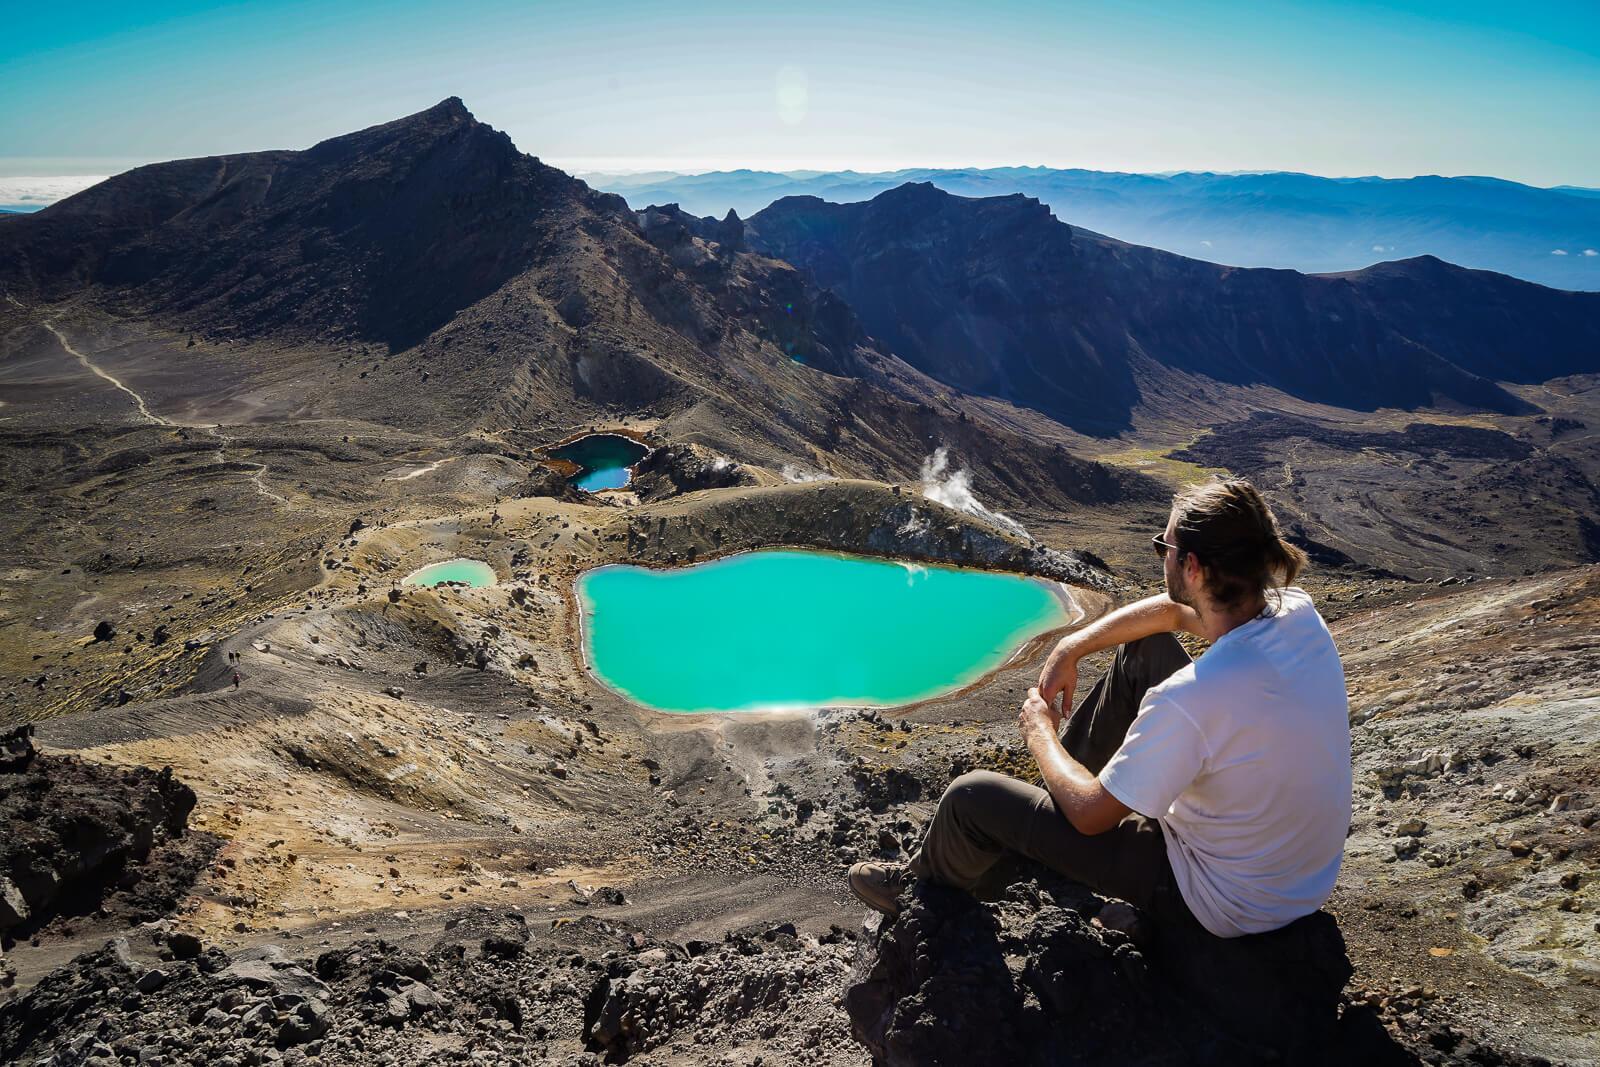 Tongariro Crossing - Populairste daghike van Nieuw Zeeland